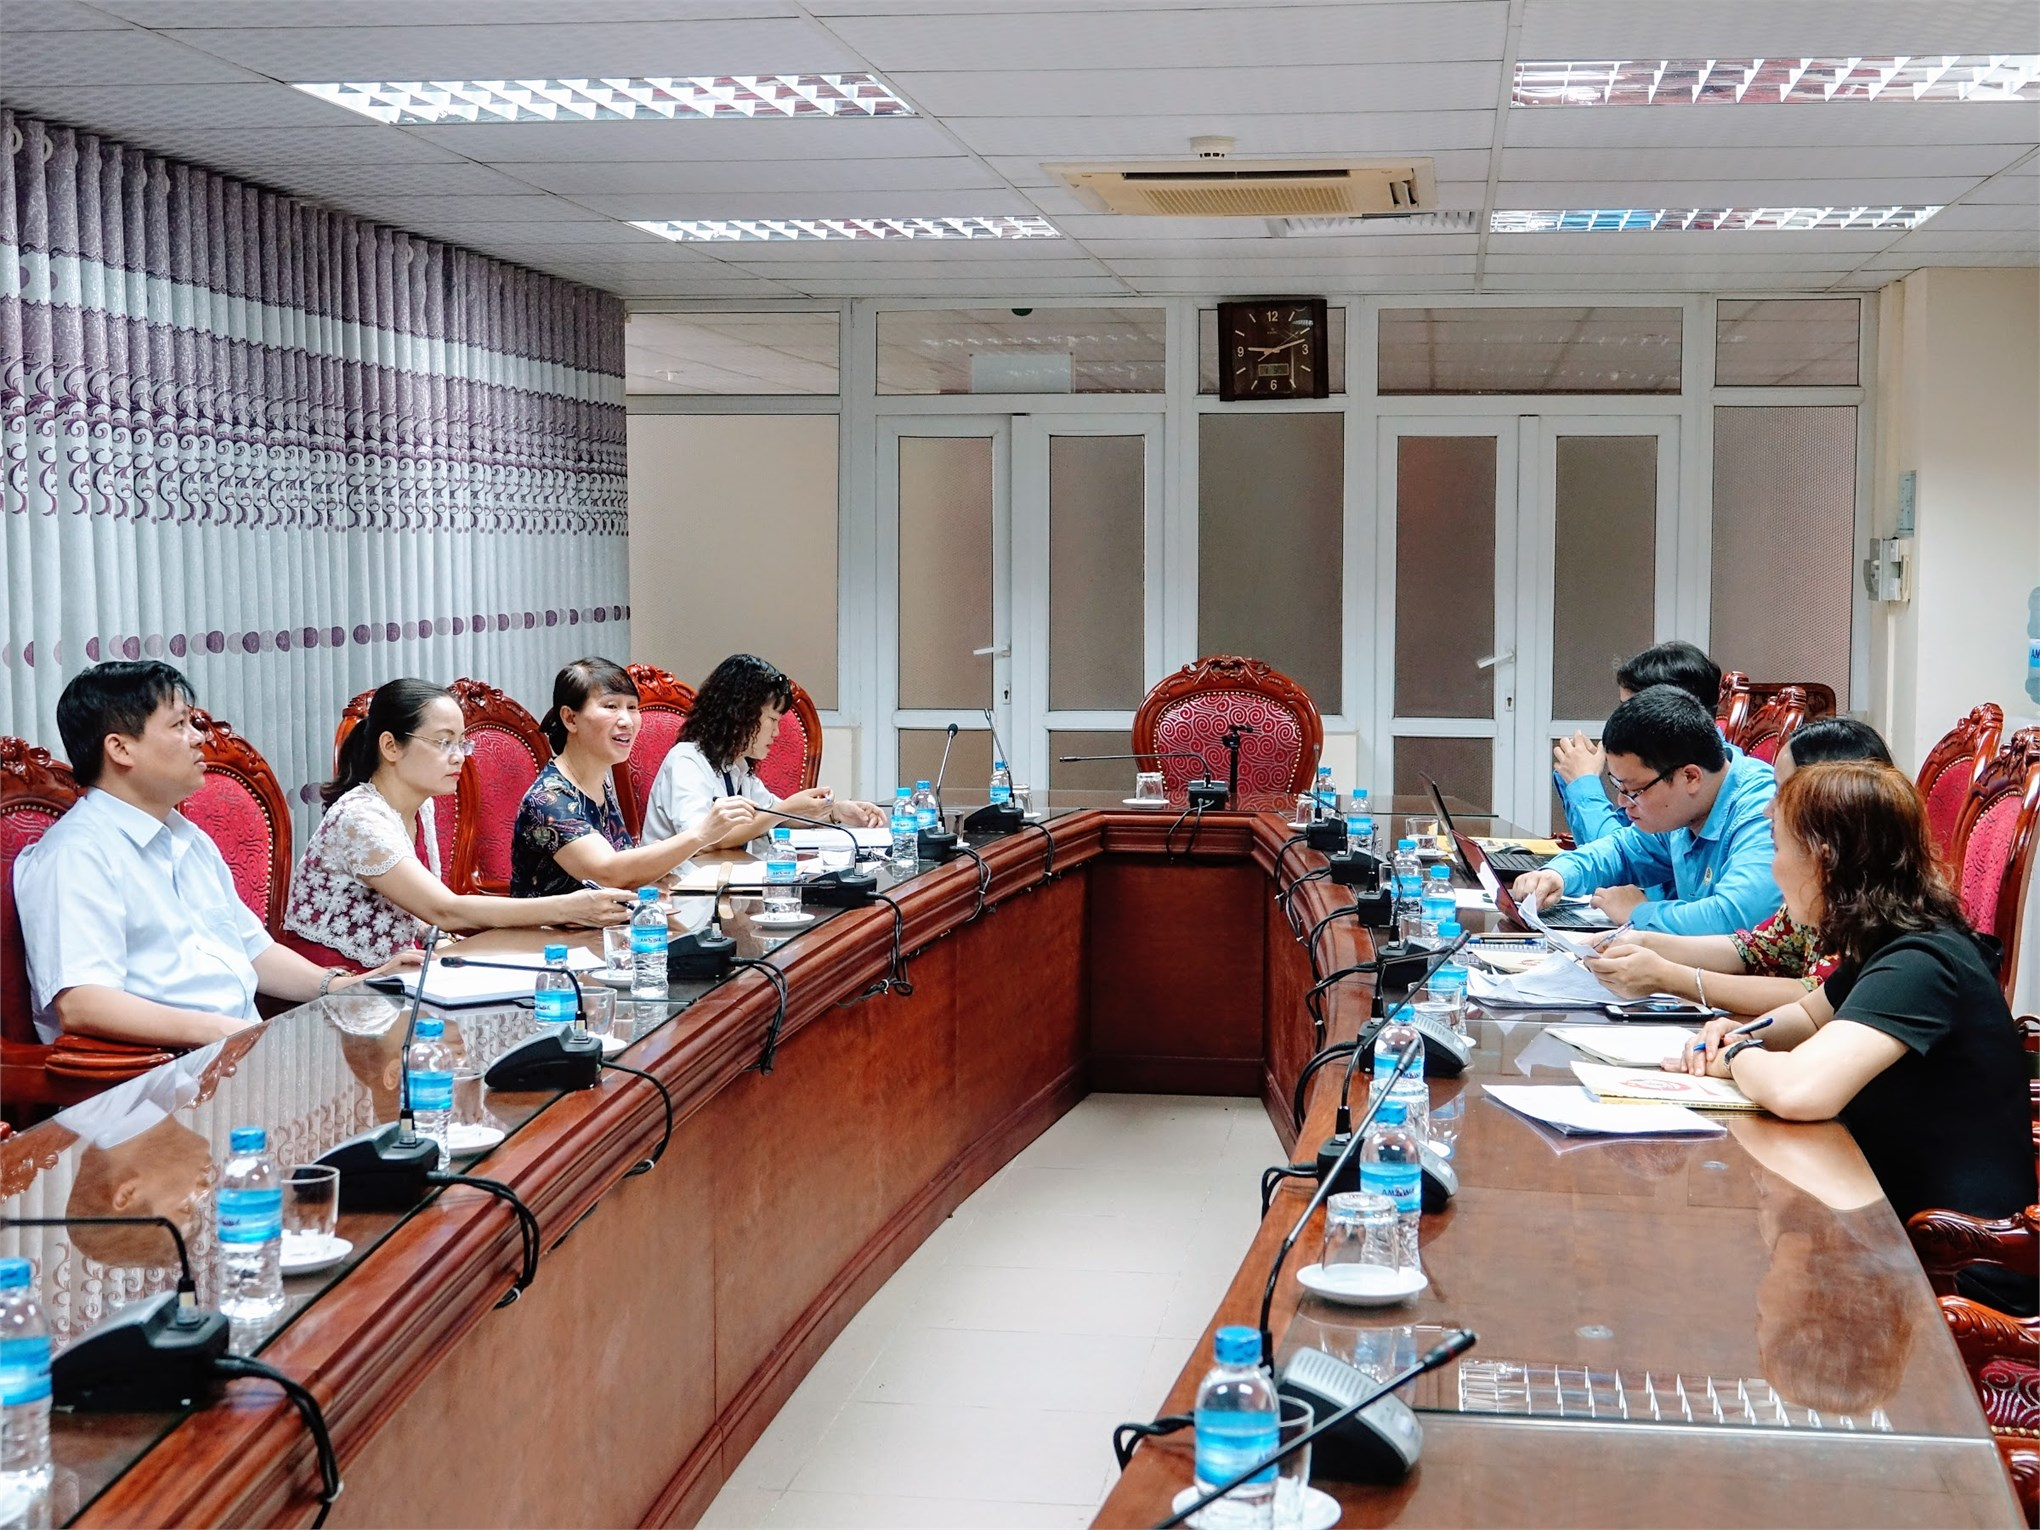 Đoàn công tác của Tổng Liên đoàn Lao động Việt Nam làm việc tại Đại học Công nghiệp Hà Nội